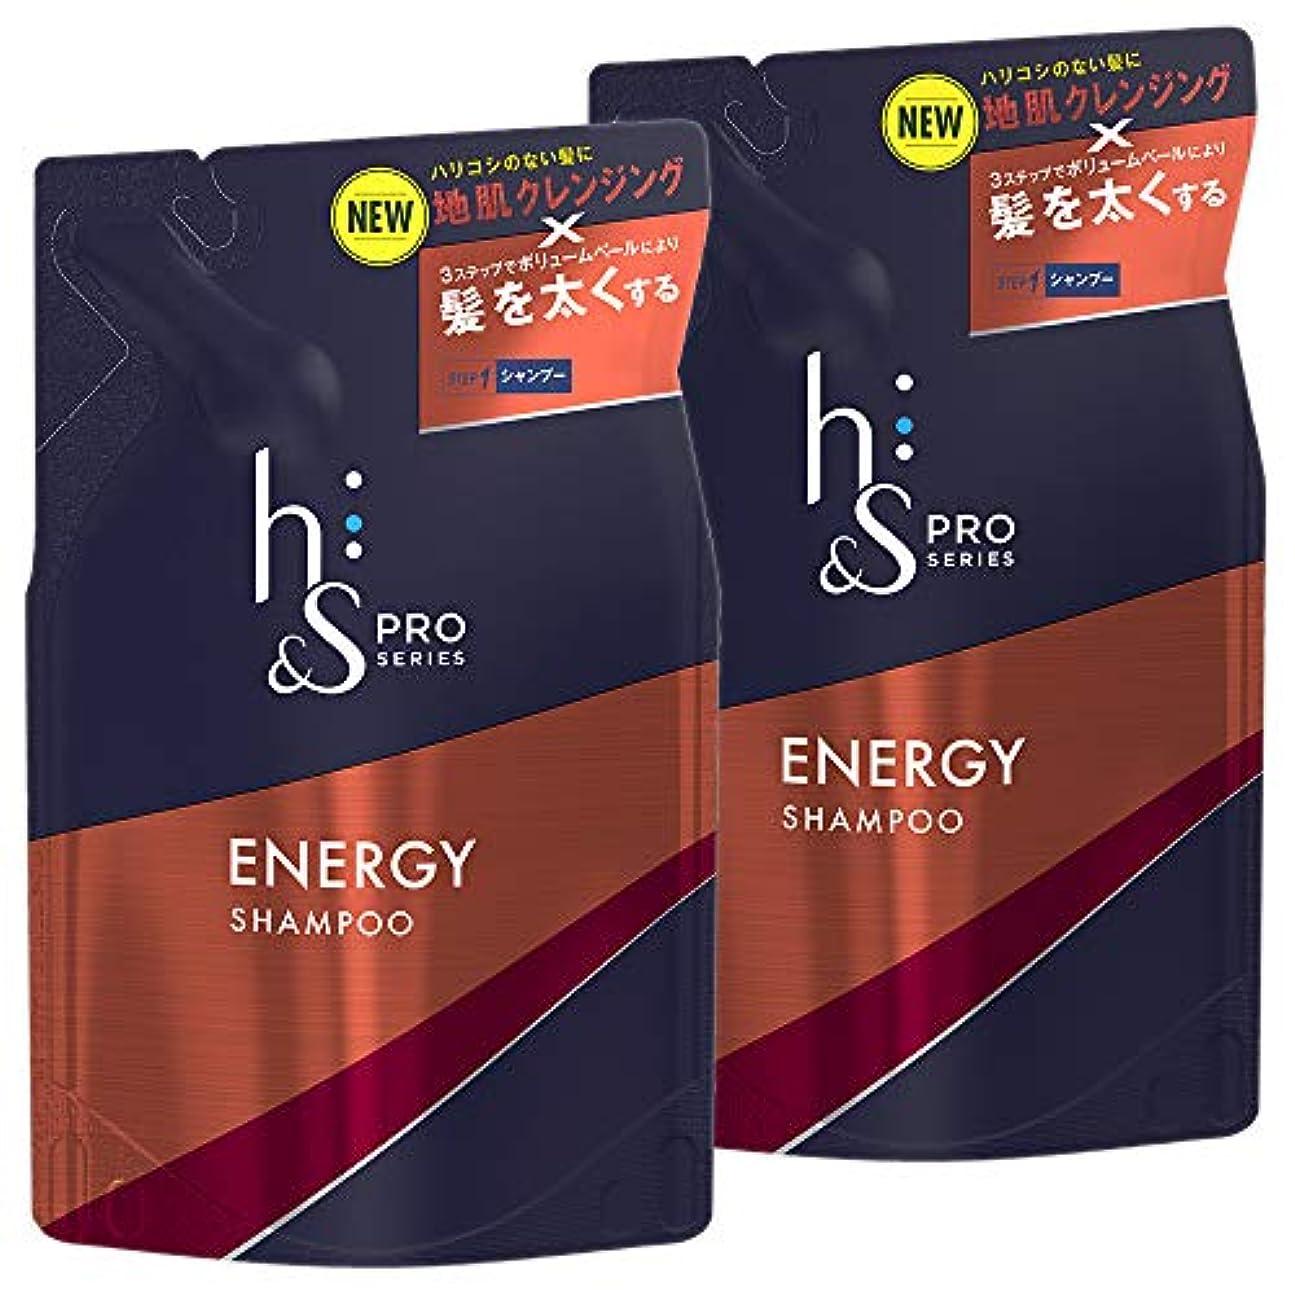 ジャニス七時半重さ【まとめ買い】 h&s for men シャンプー PRO Series エナジー 詰め替え 300mL×2個